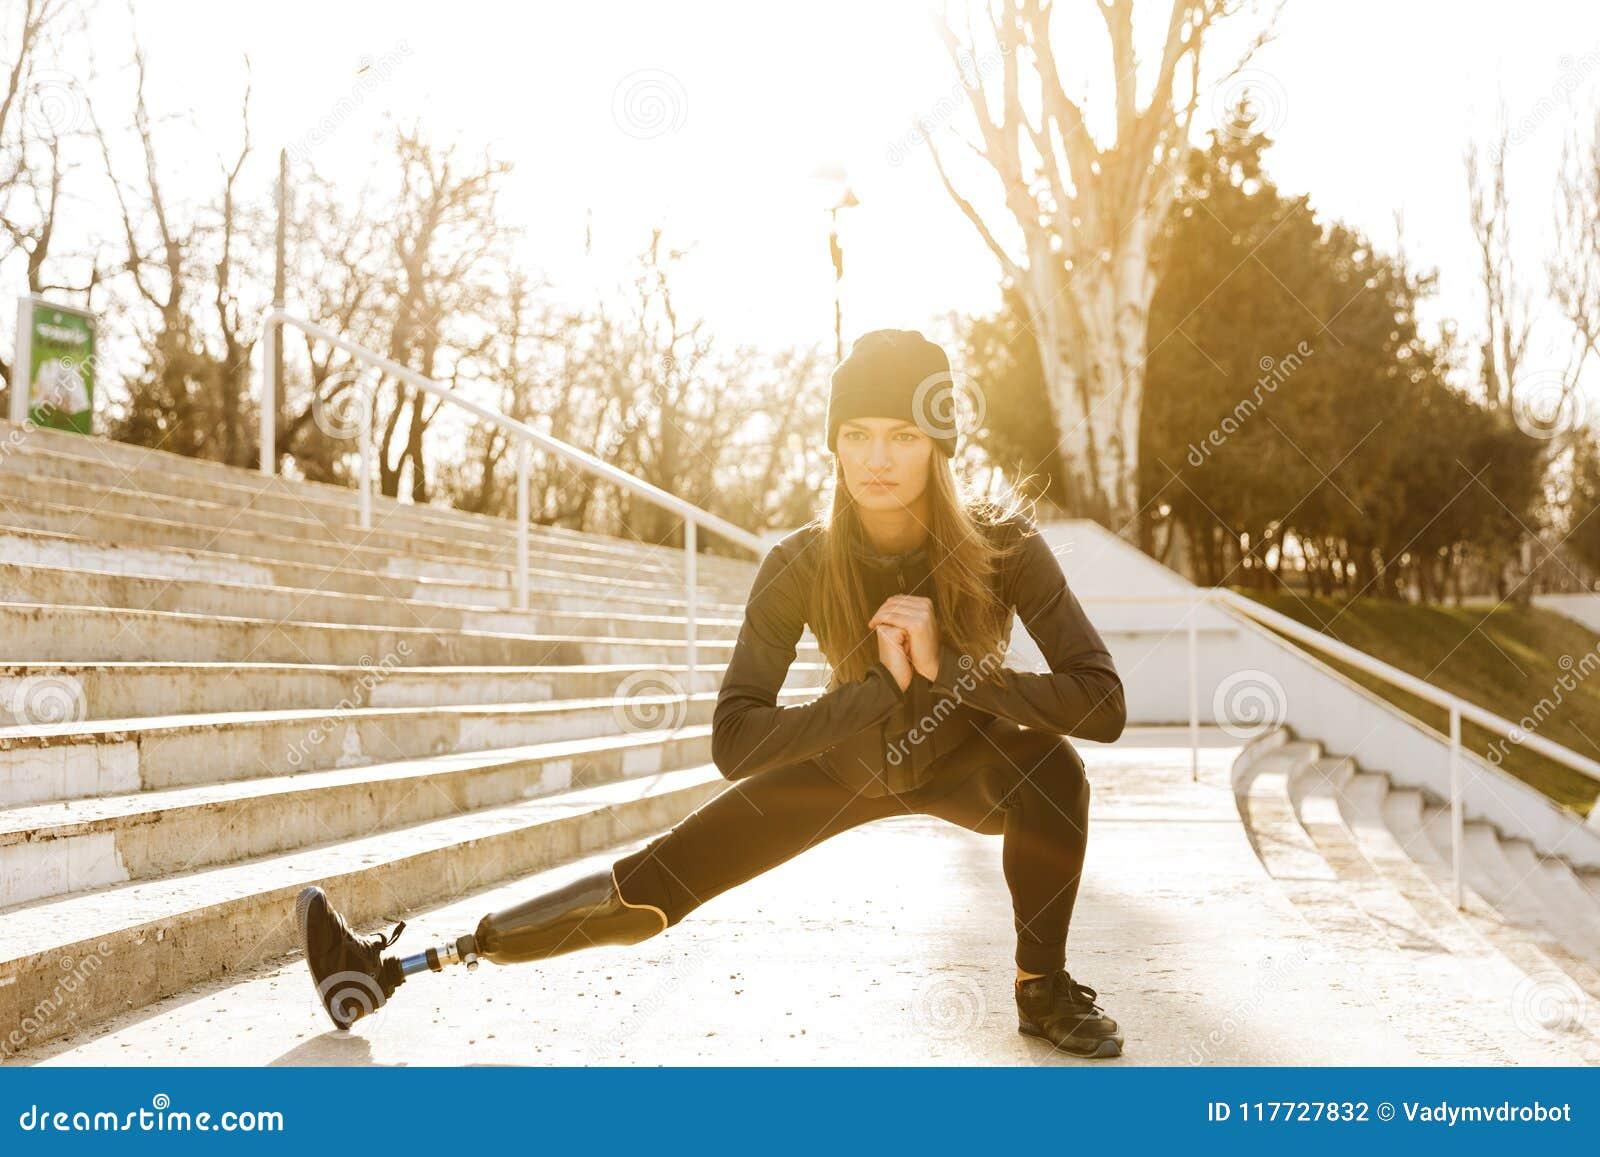 Изображение неработающей идущей девушки в sportswear, делая сидит поднимает и